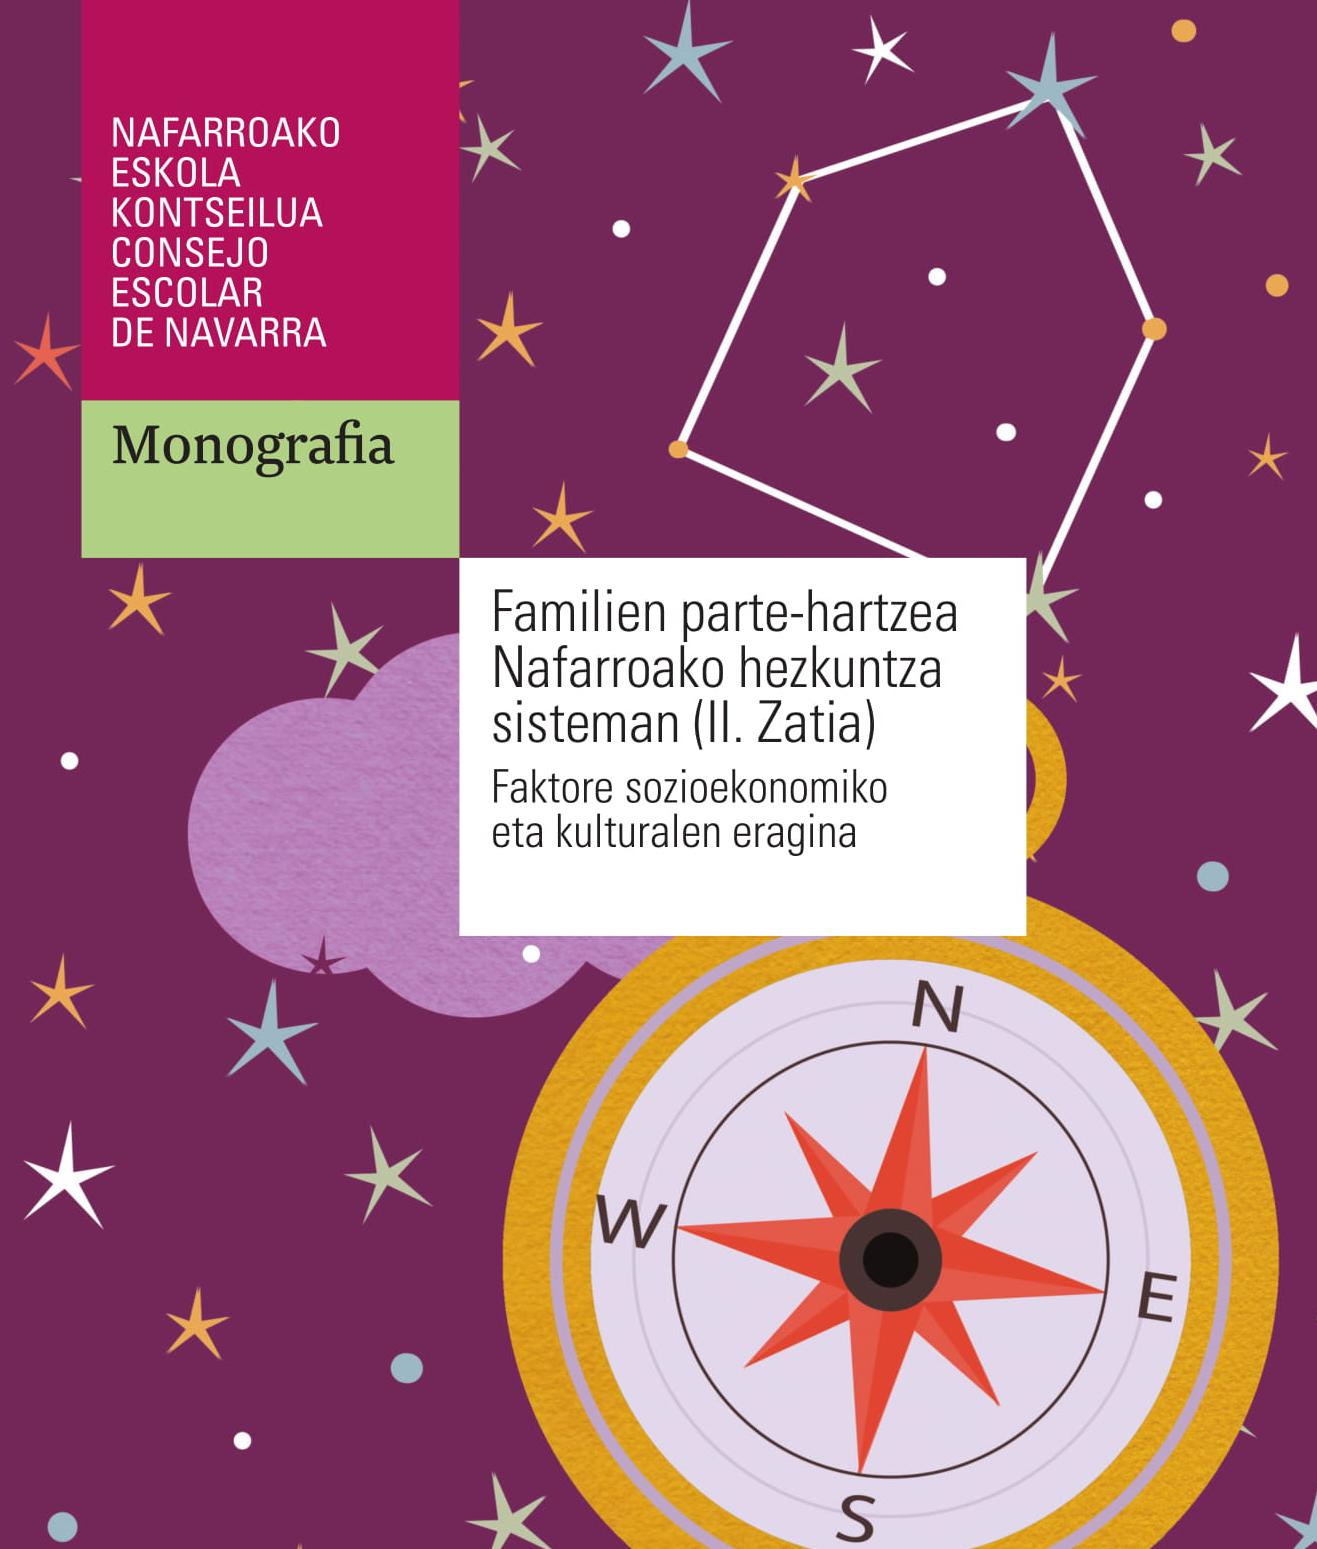 Familien  Parte-hartzea  Nafarroako  hezkuntza  sisteman  (II.  Zatia)